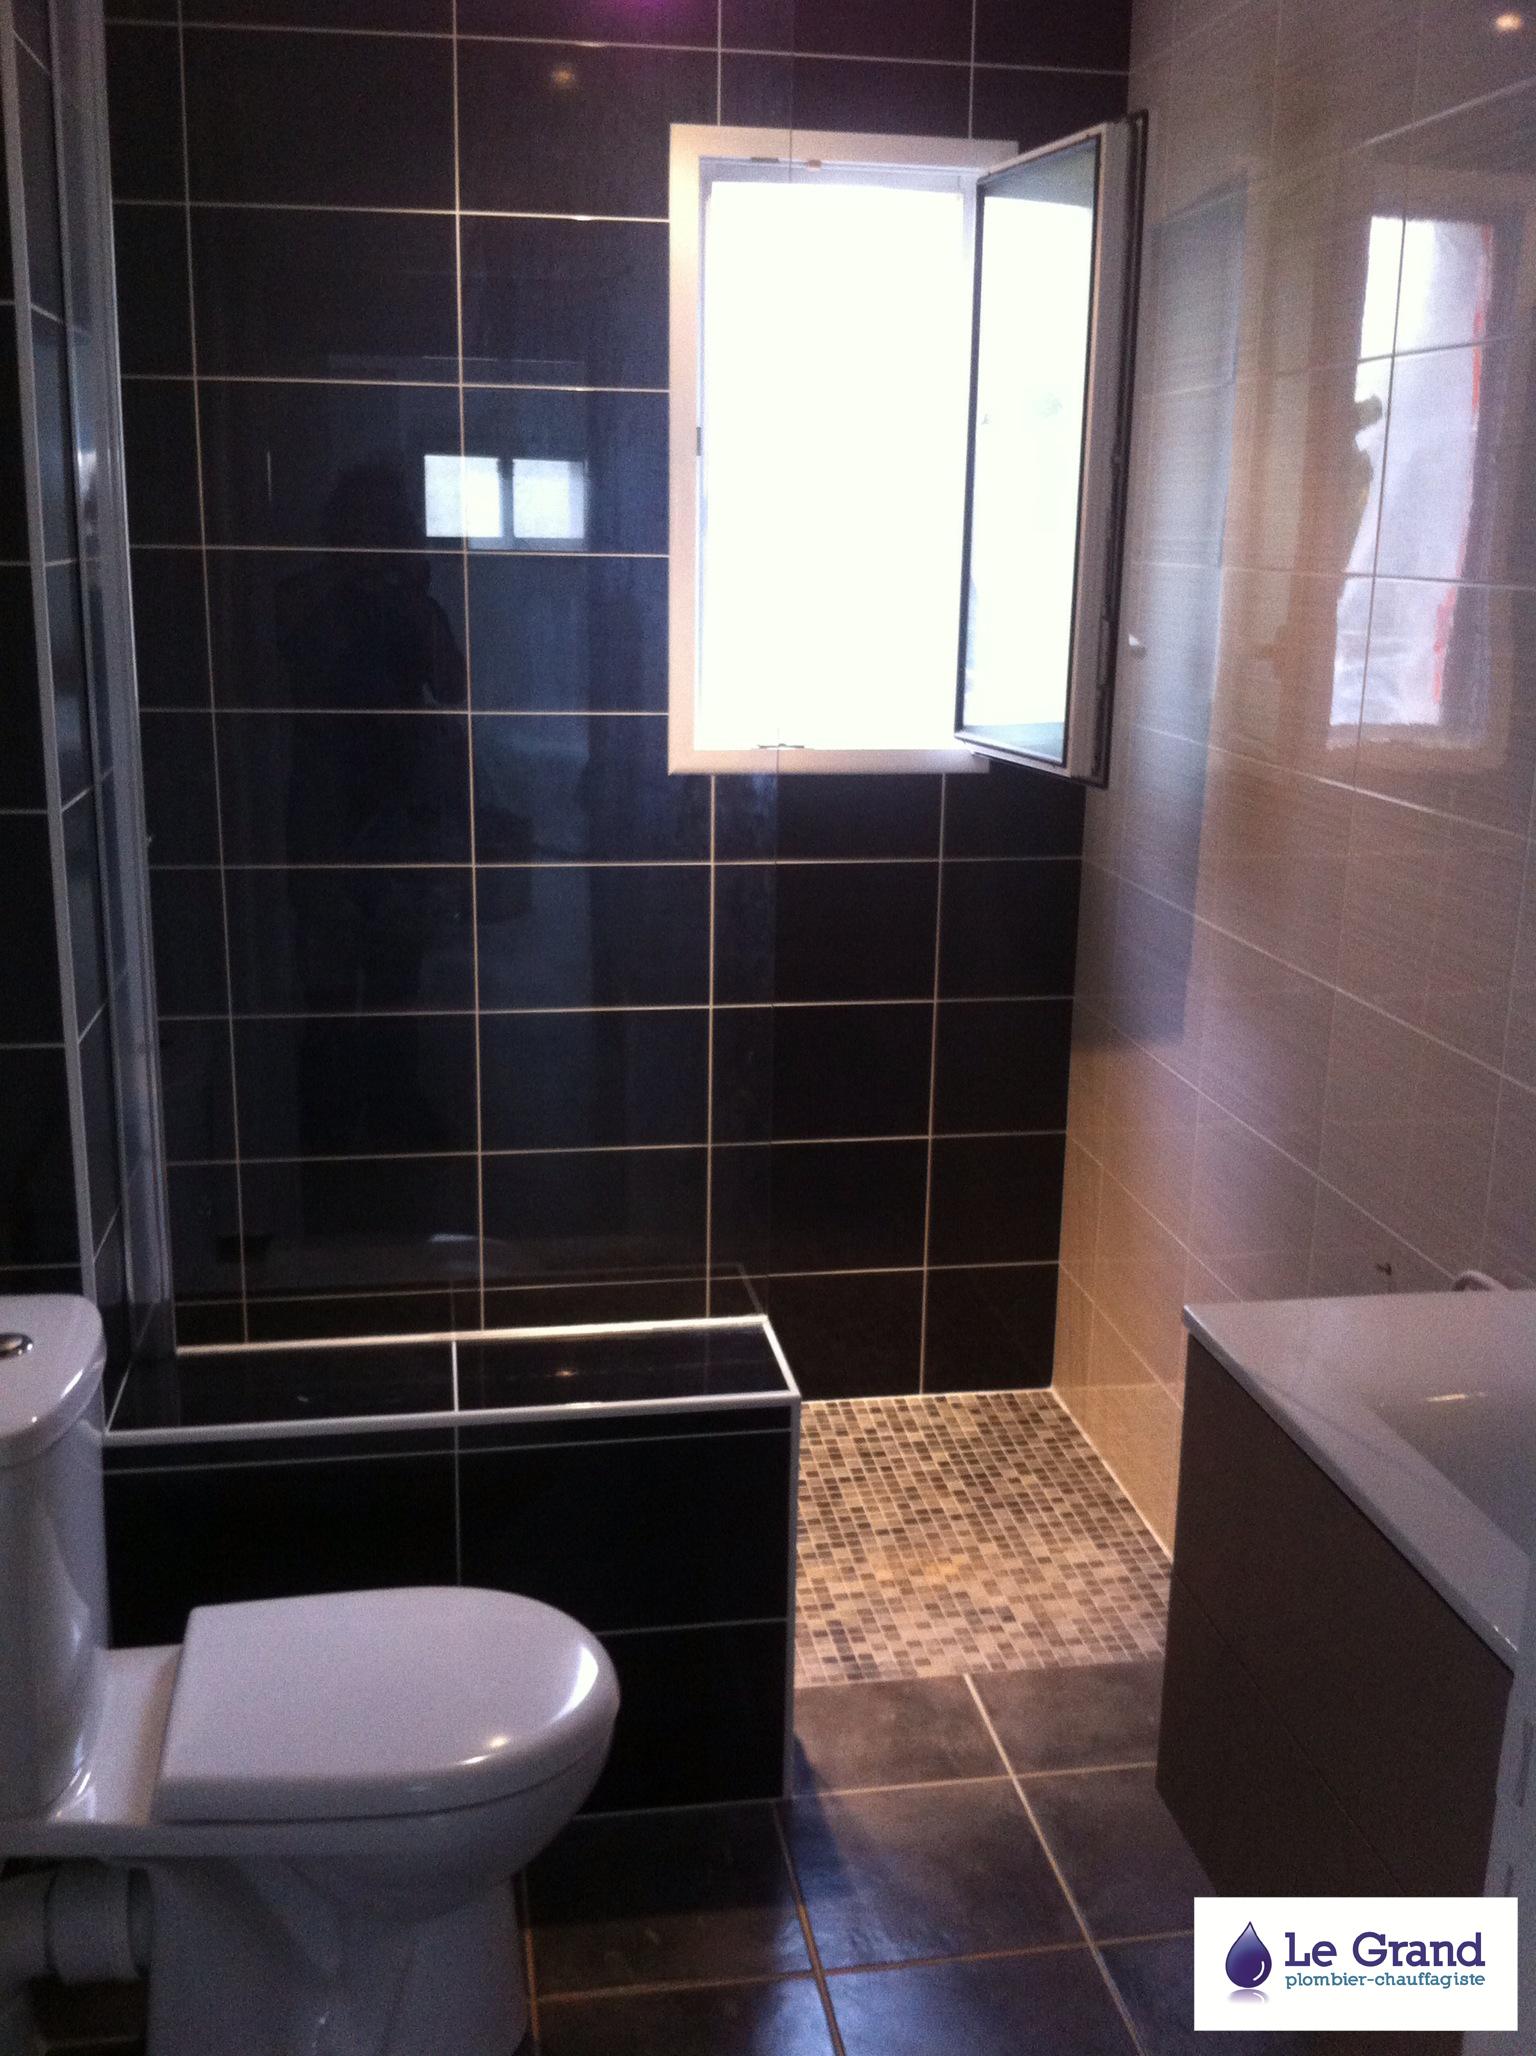 le grand plombier chauffagiste rennes bruz plomberie agencement salle de bains douche. Black Bedroom Furniture Sets. Home Design Ideas